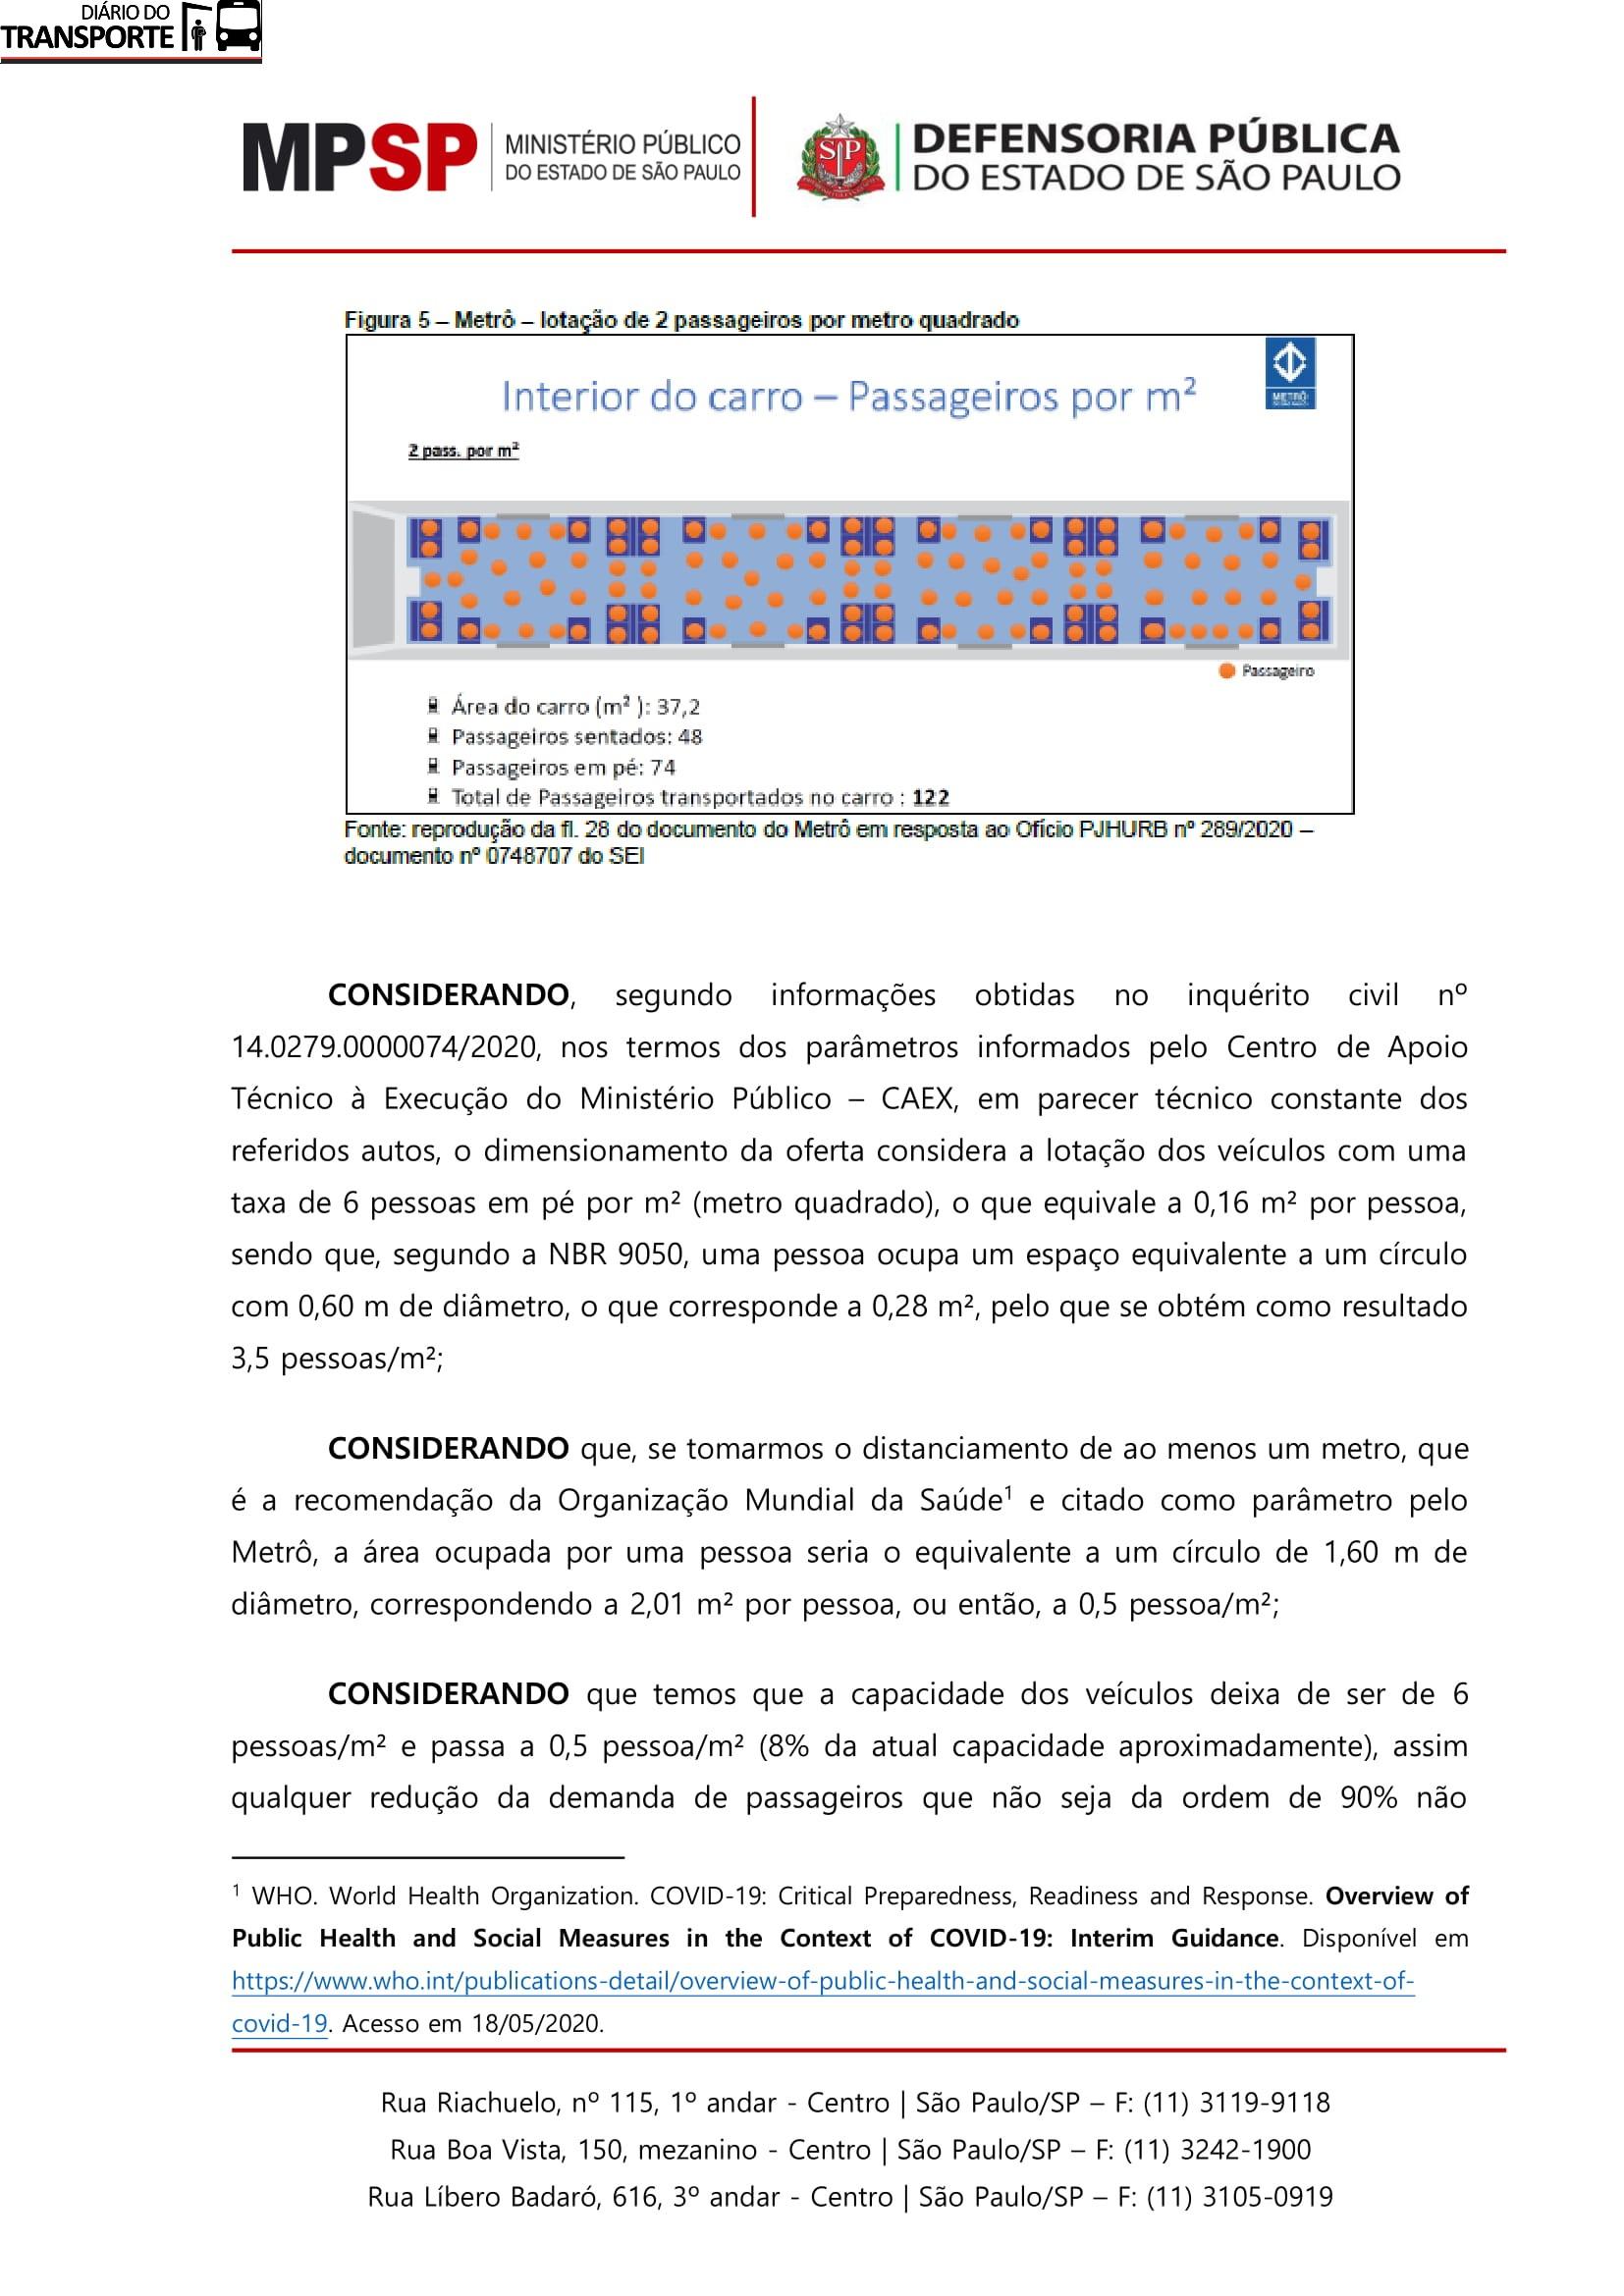 recomendação transporte_METRO-07